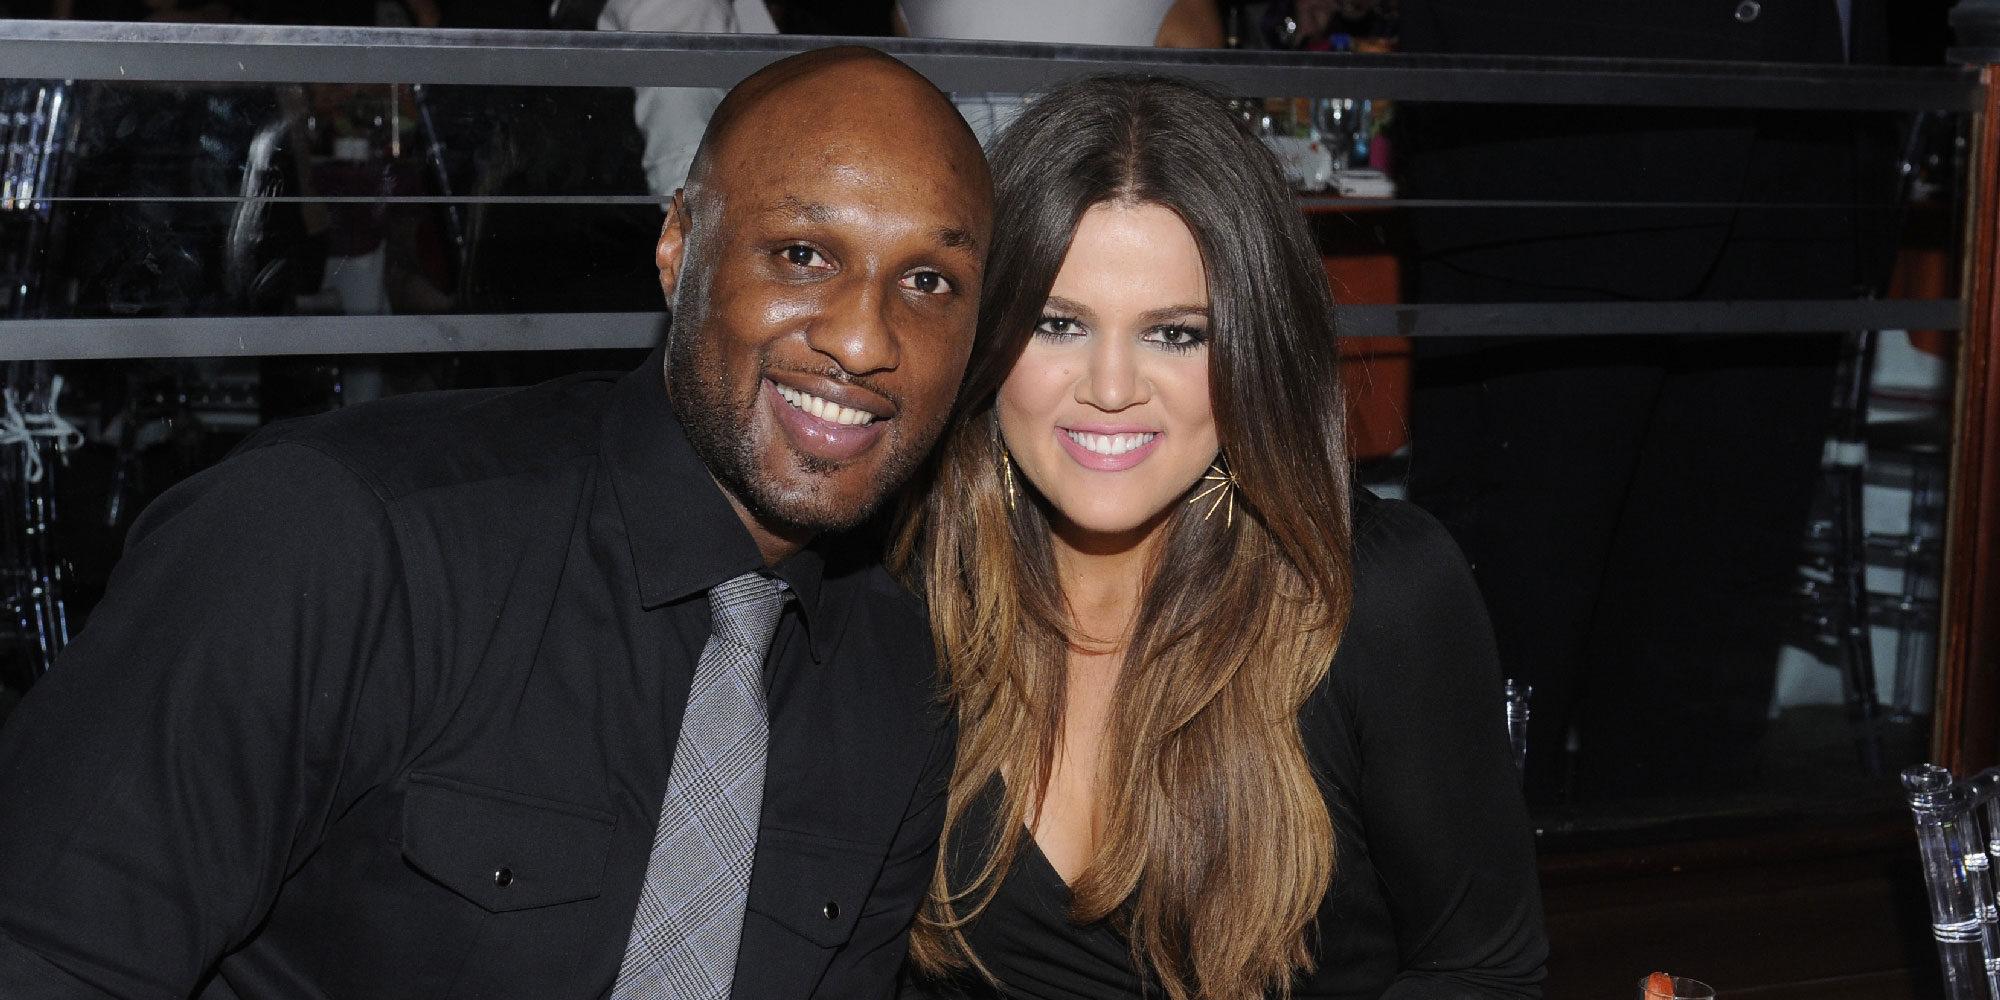 Khloe Kardashian y Lamar Odom ya están oficialmente divorciados: así fue su historia de amor y desamor